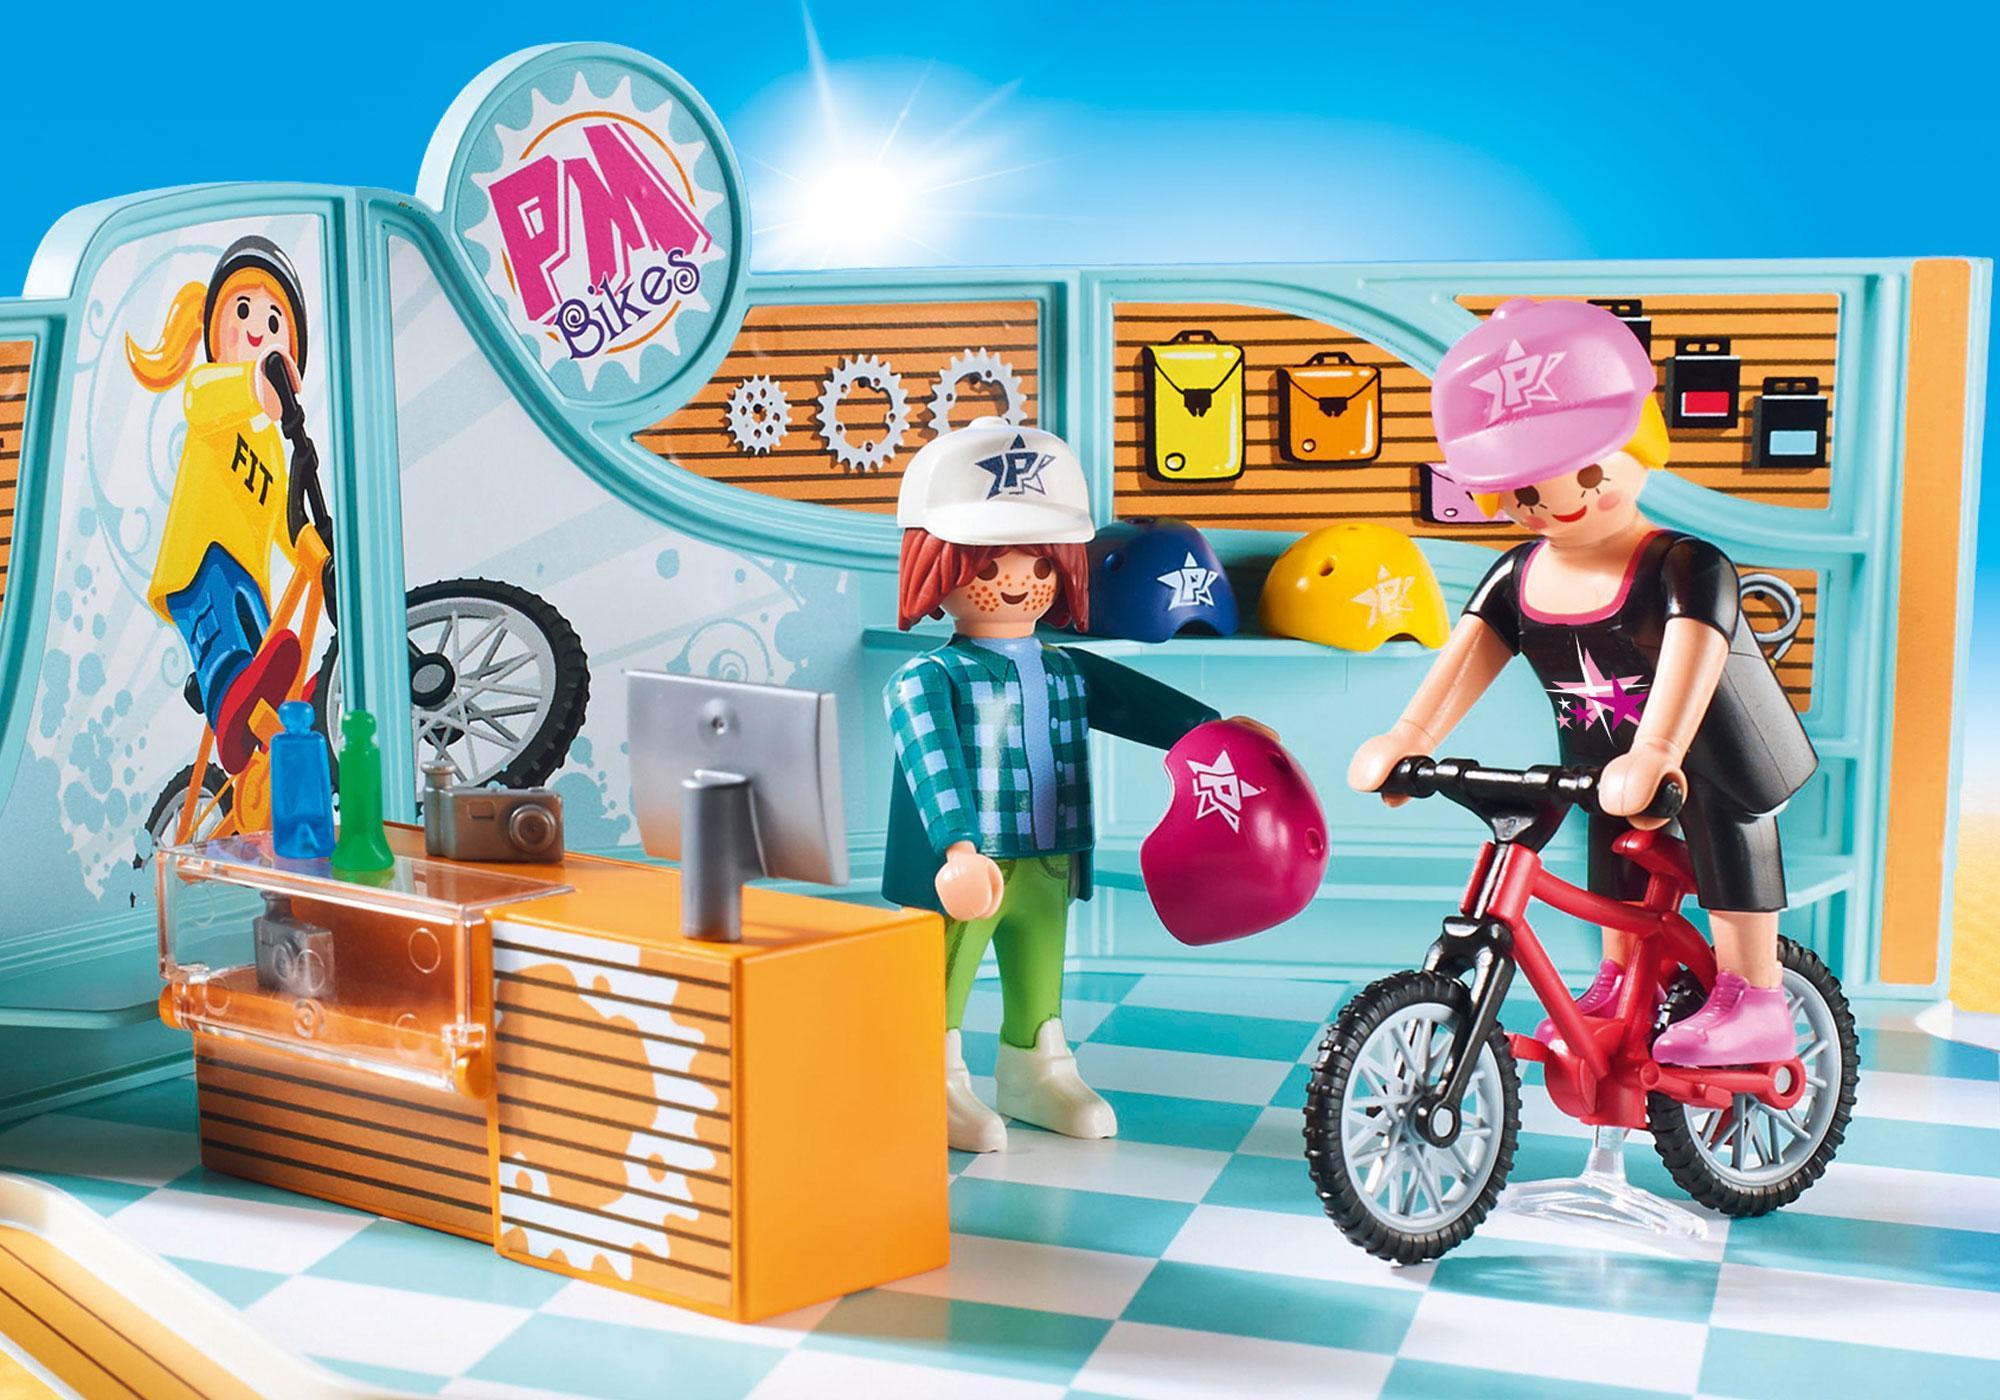 http://media.playmobil.com/i/playmobil/9402_product_extra1/Boutique de skate et vélos